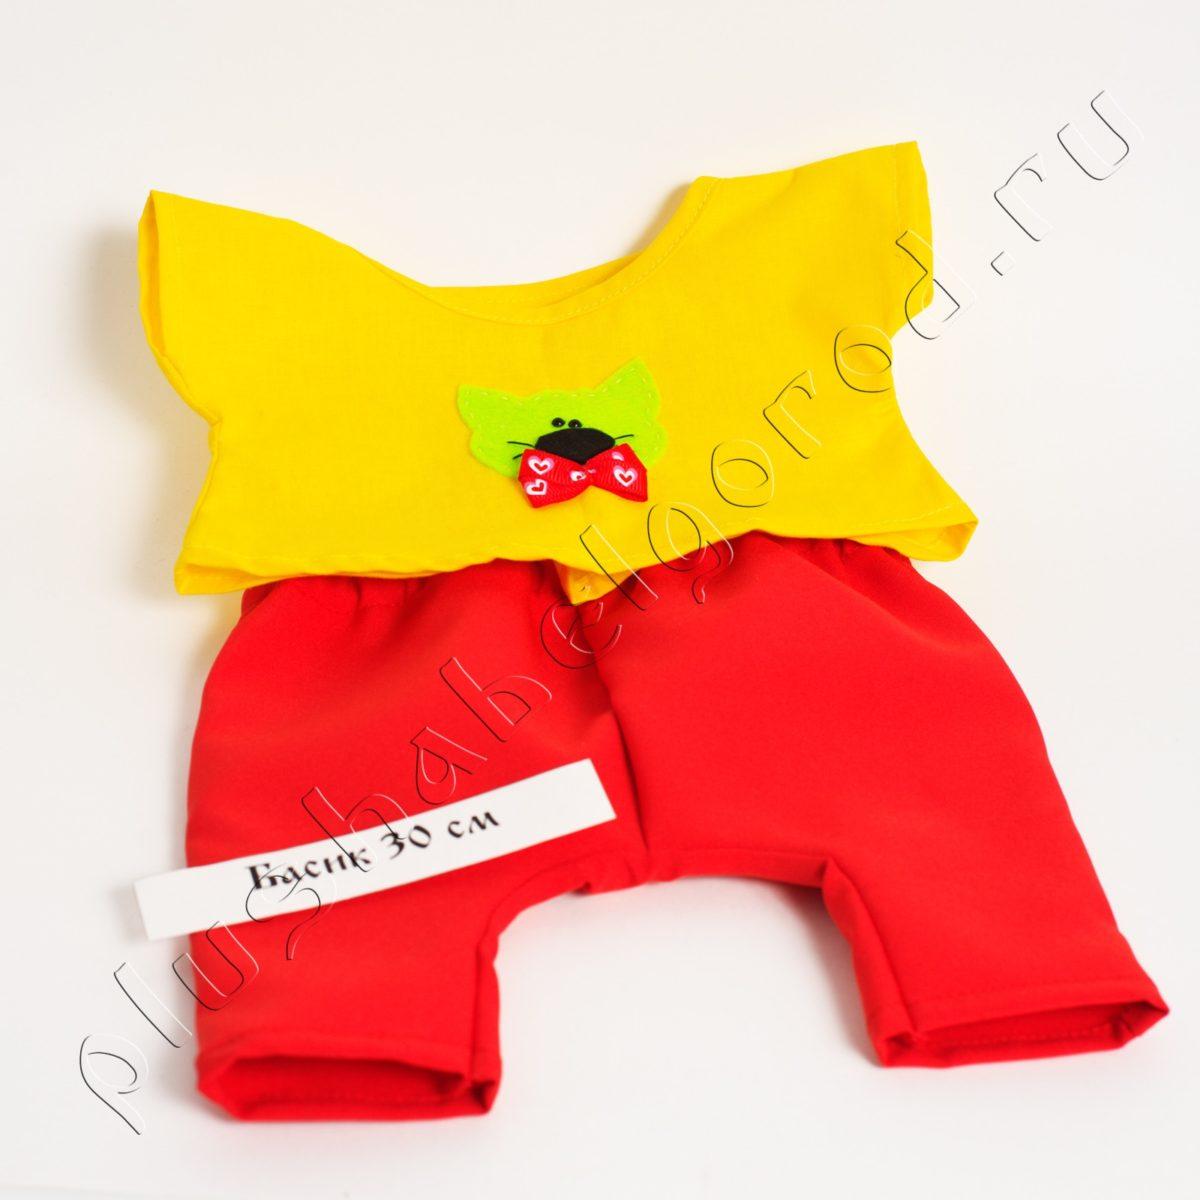 Брюки красные и футболка желтая с котиком